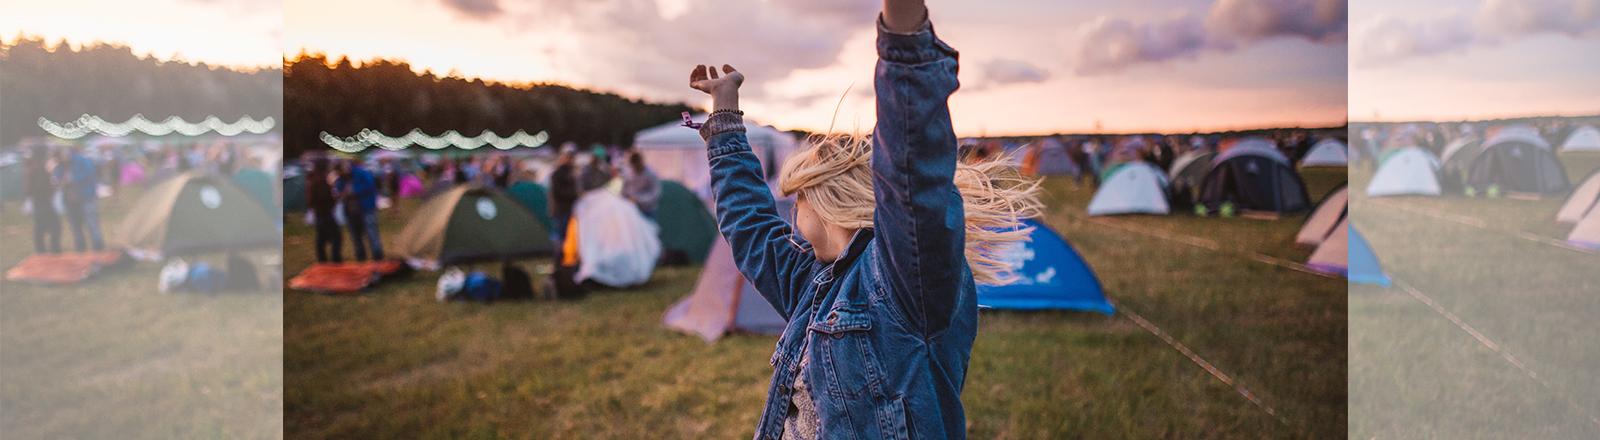 tanzende Frau im Vordergrund, dahinter Zelte